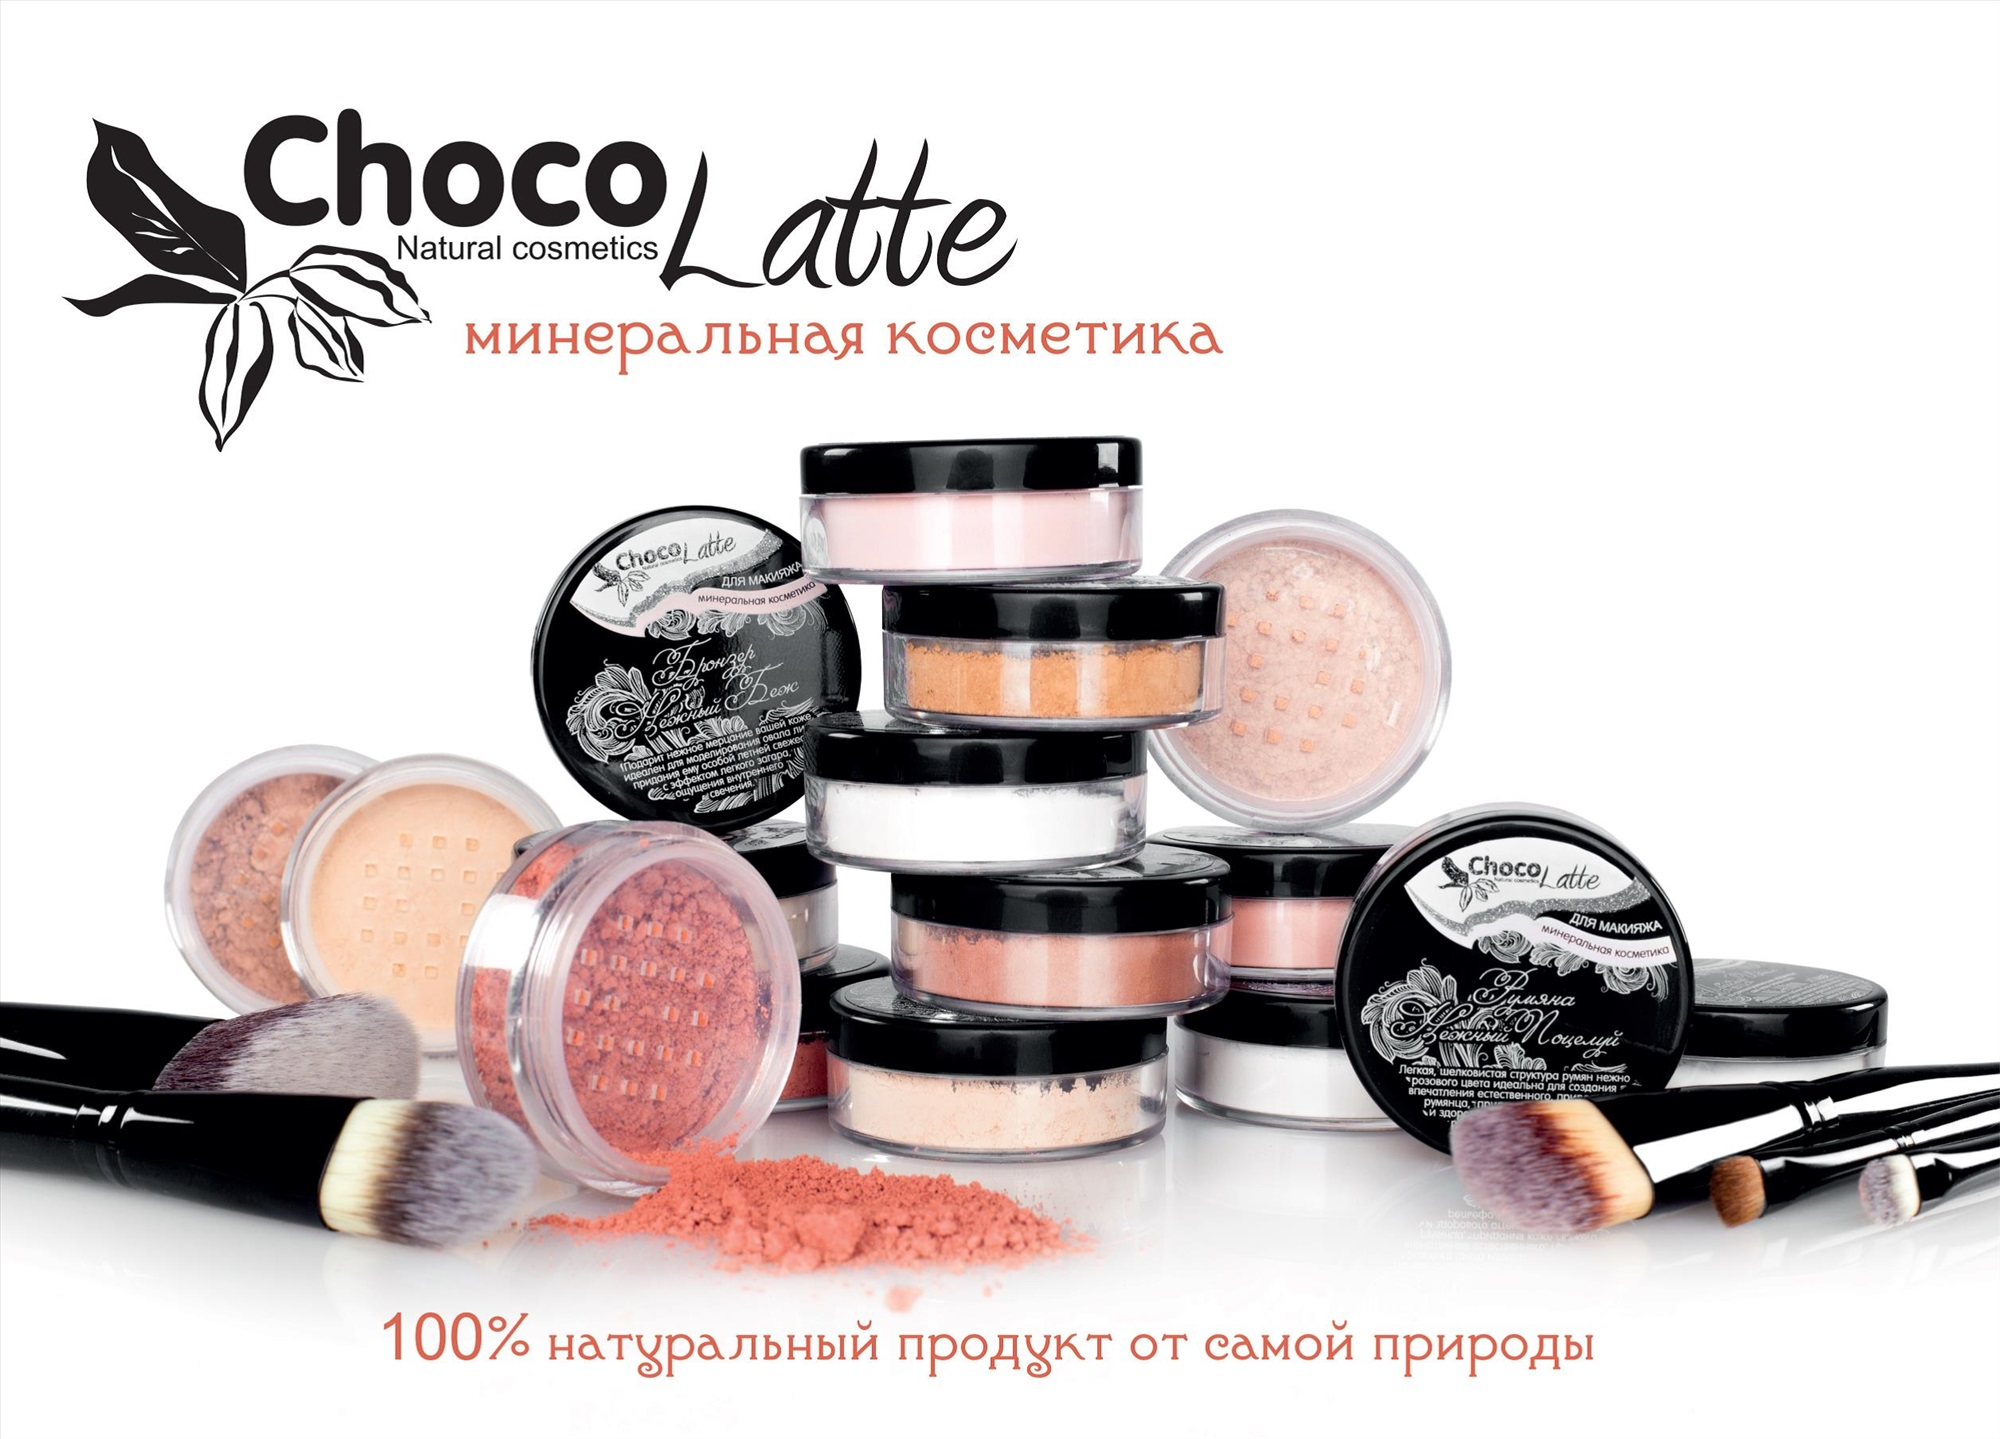 chocolate купить в москве косметика